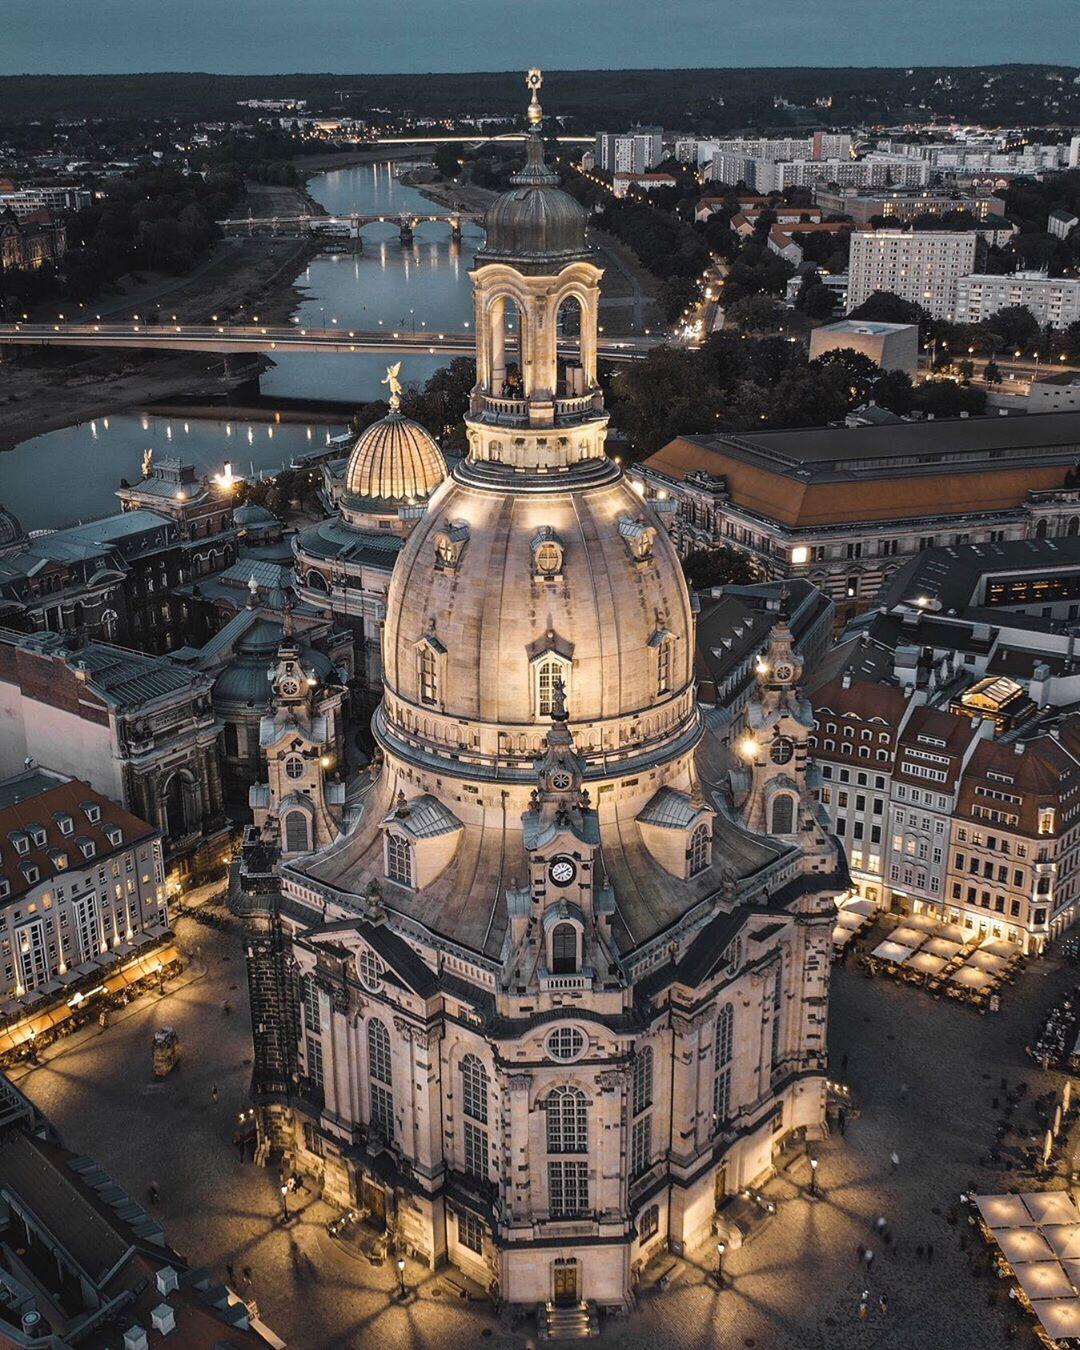 Gefallt 1 838 Mal 58 Kommentare ꮃꮎꮢꮮꭰ ꮃꭺꮮꮶꭼꮢꮓ World Walkerz Auf Instagram Dresdner Frauenkirche Dresdner Frauenkirche Dresden Frauenkirche